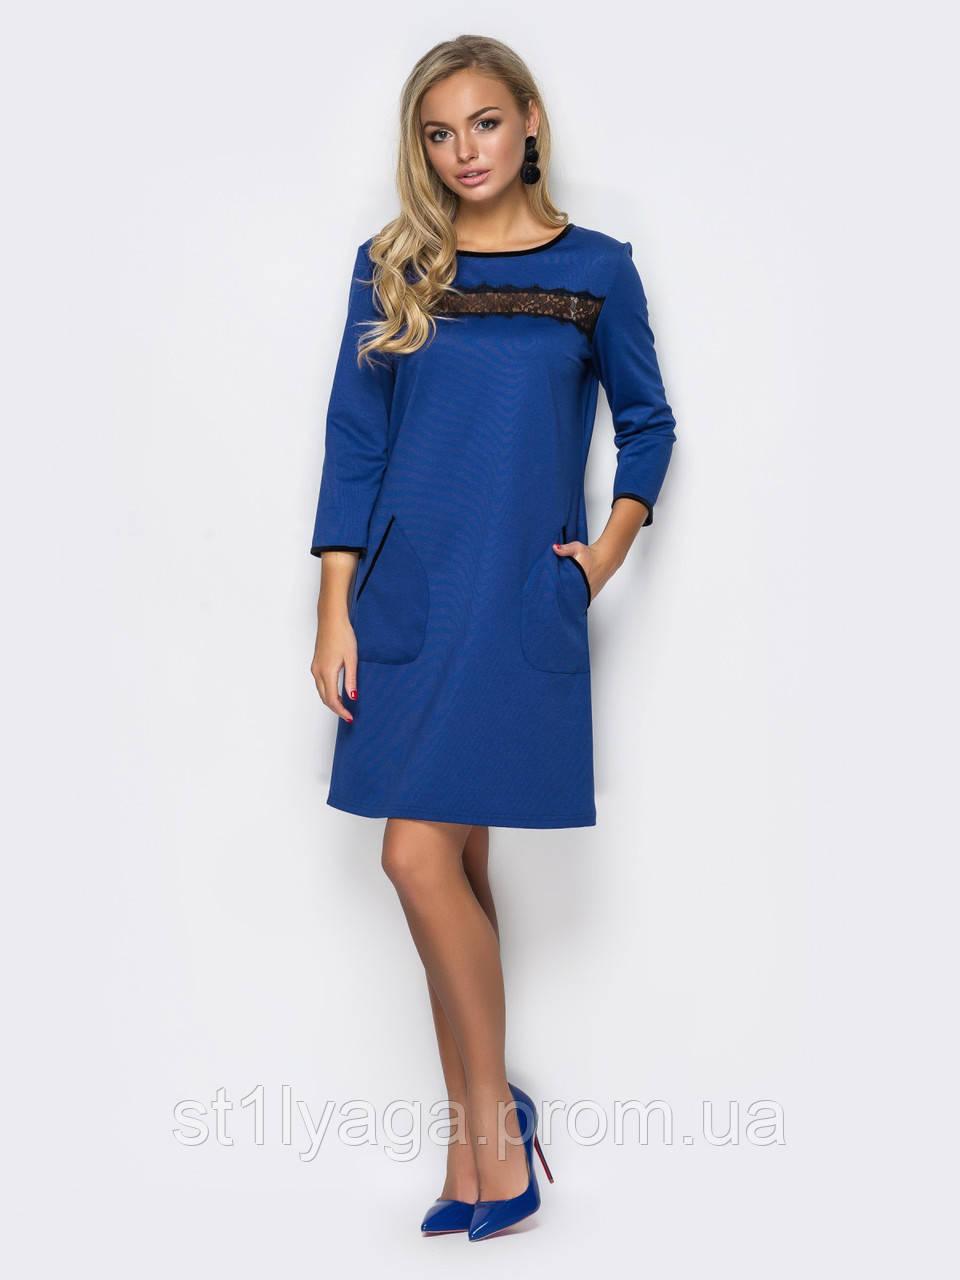 4a353ae10f5 Платье из джерси с накладными карманами и вставкой из кружева ...